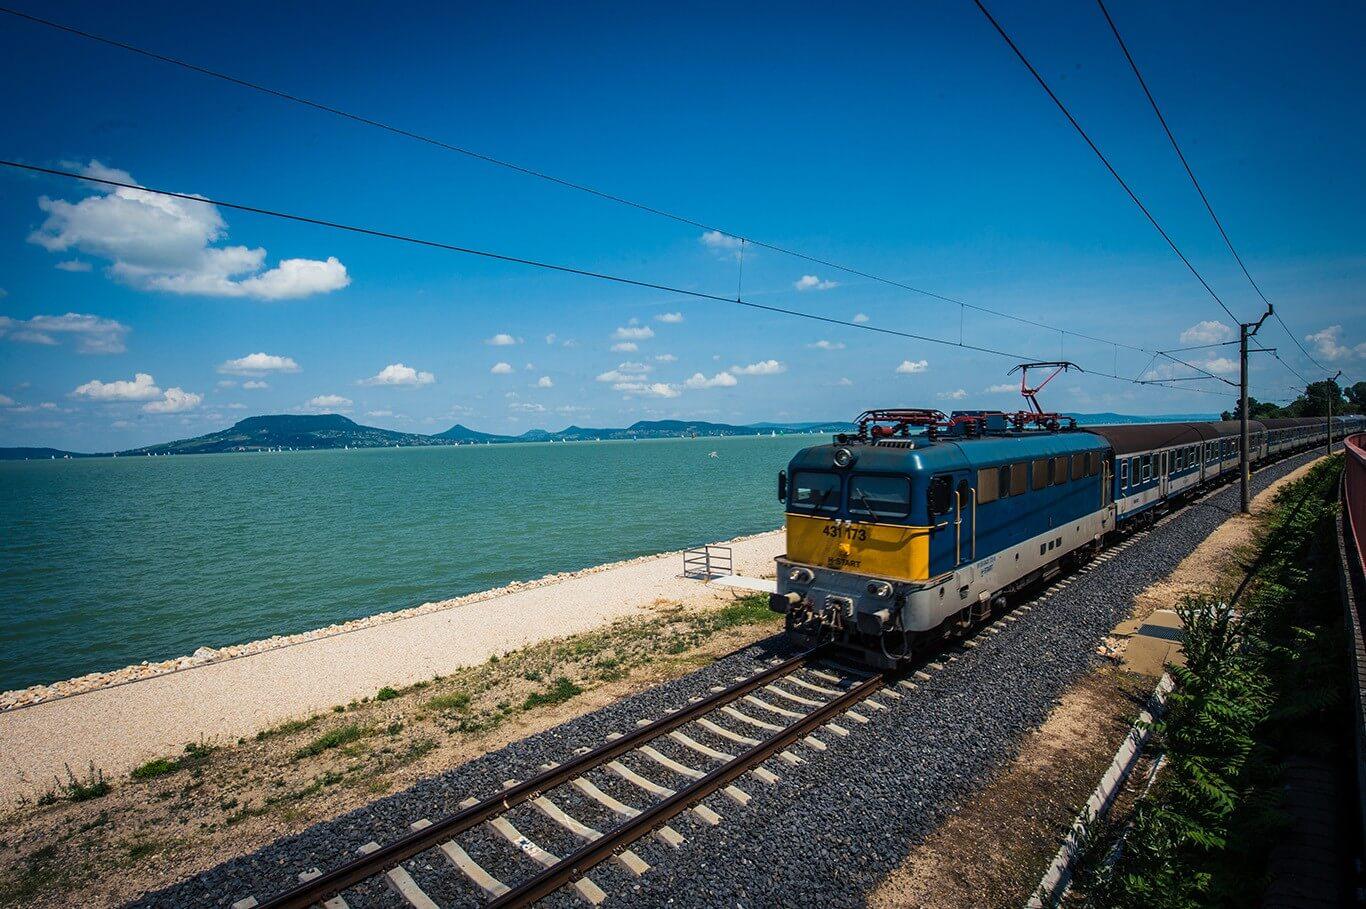 62 milliárdos uniós támogatást kap a balatoni vasútvonal